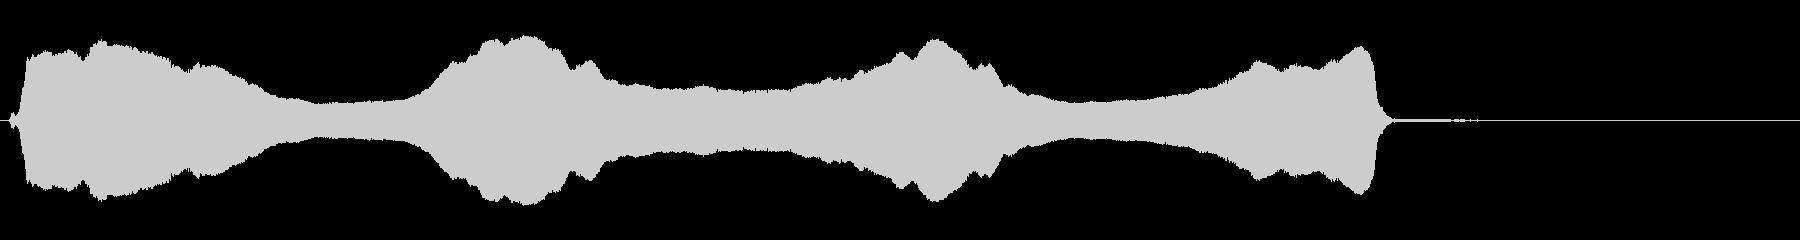 トロンボーン:ディジーウォブル、漫...の未再生の波形